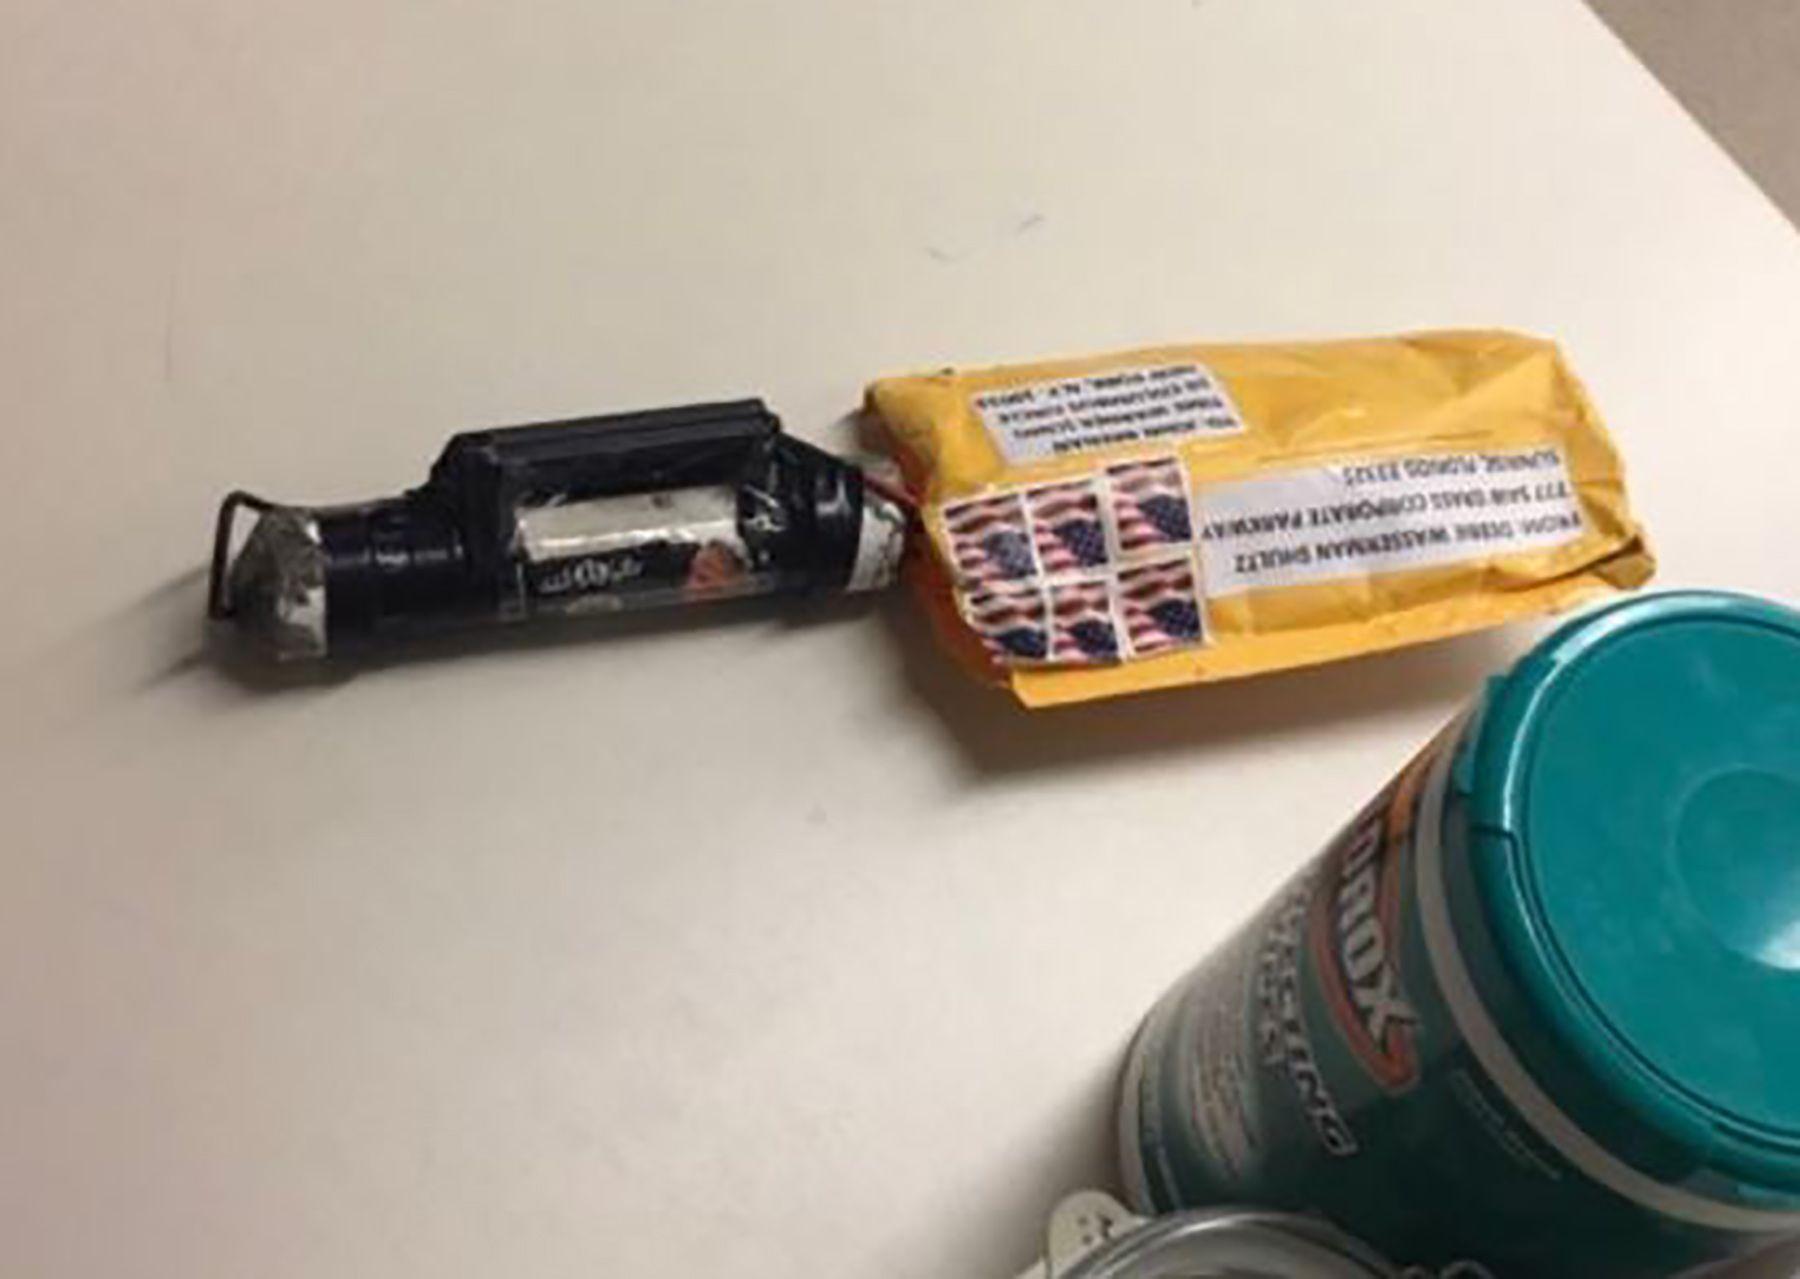 RØRBOMBE: Dette bildet viser pakken som ble sendt til CNN, og som ifølge FBI inneholdt eksplosiver